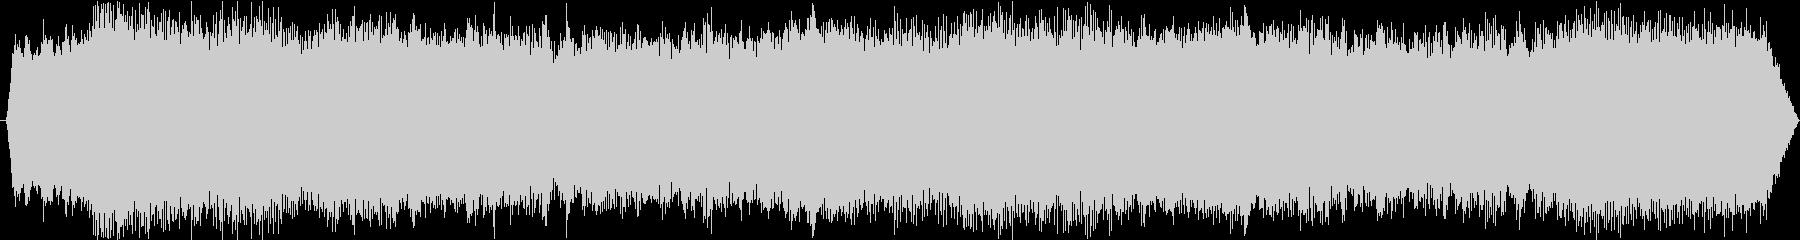 PADS チルエア03の未再生の波形